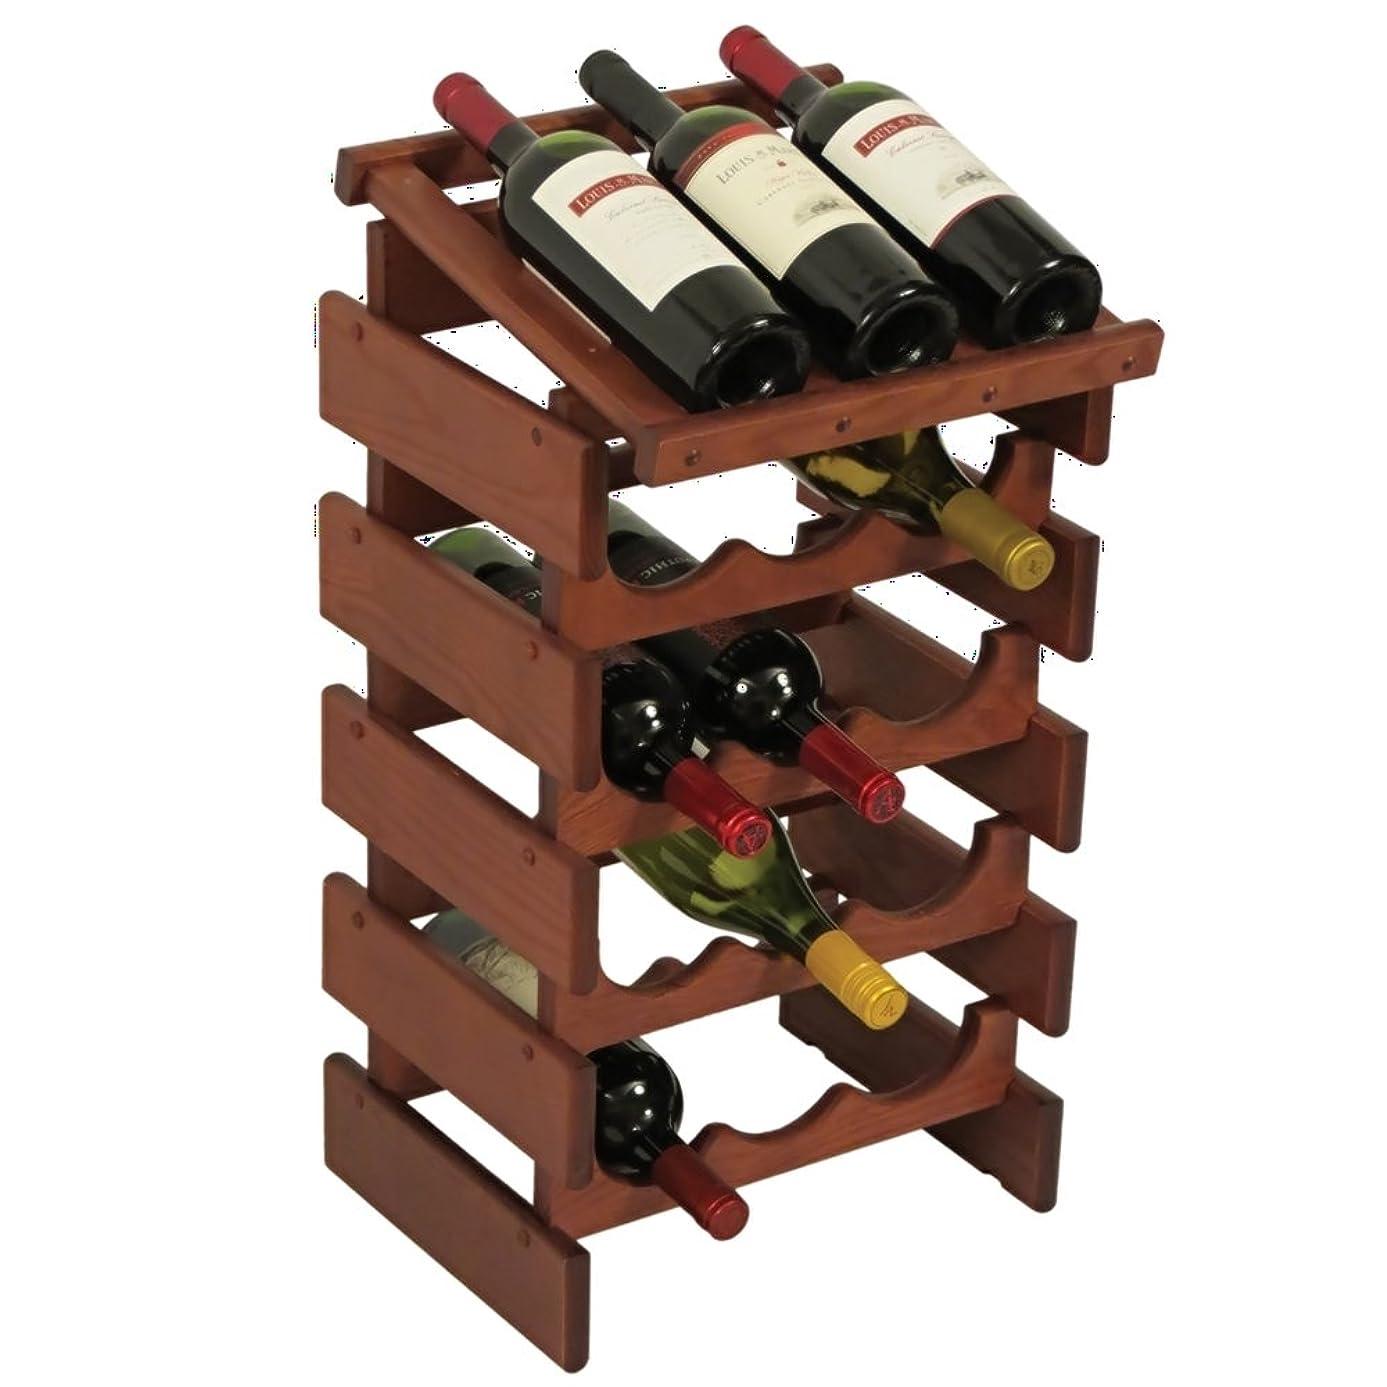 Wooden Mallet 15-Bottles Wine Rack with Display Top